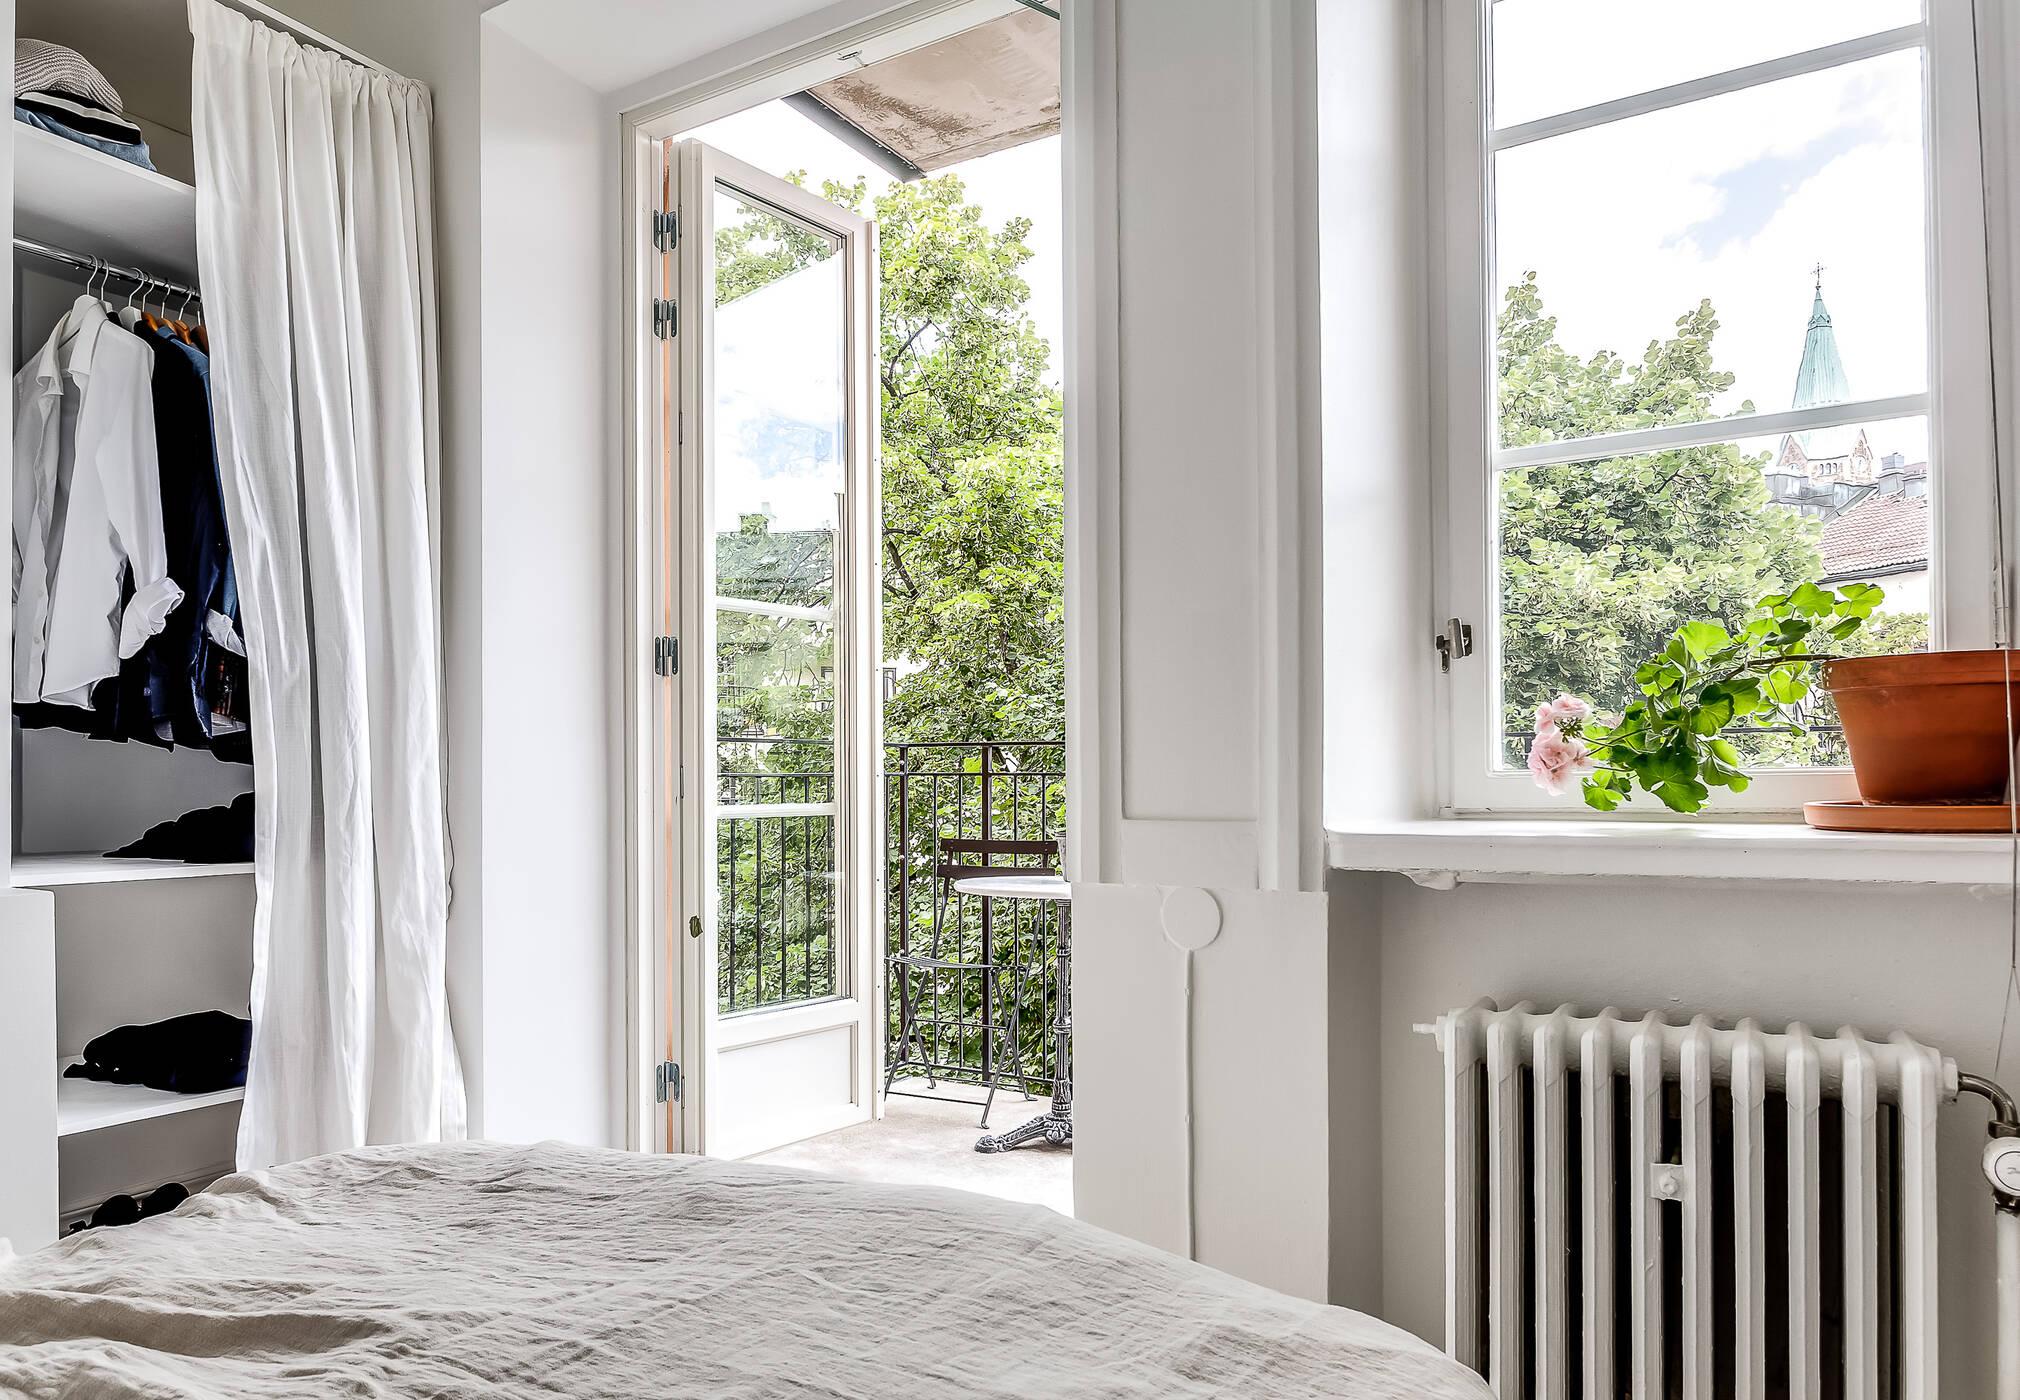 Sovrum mot balkong